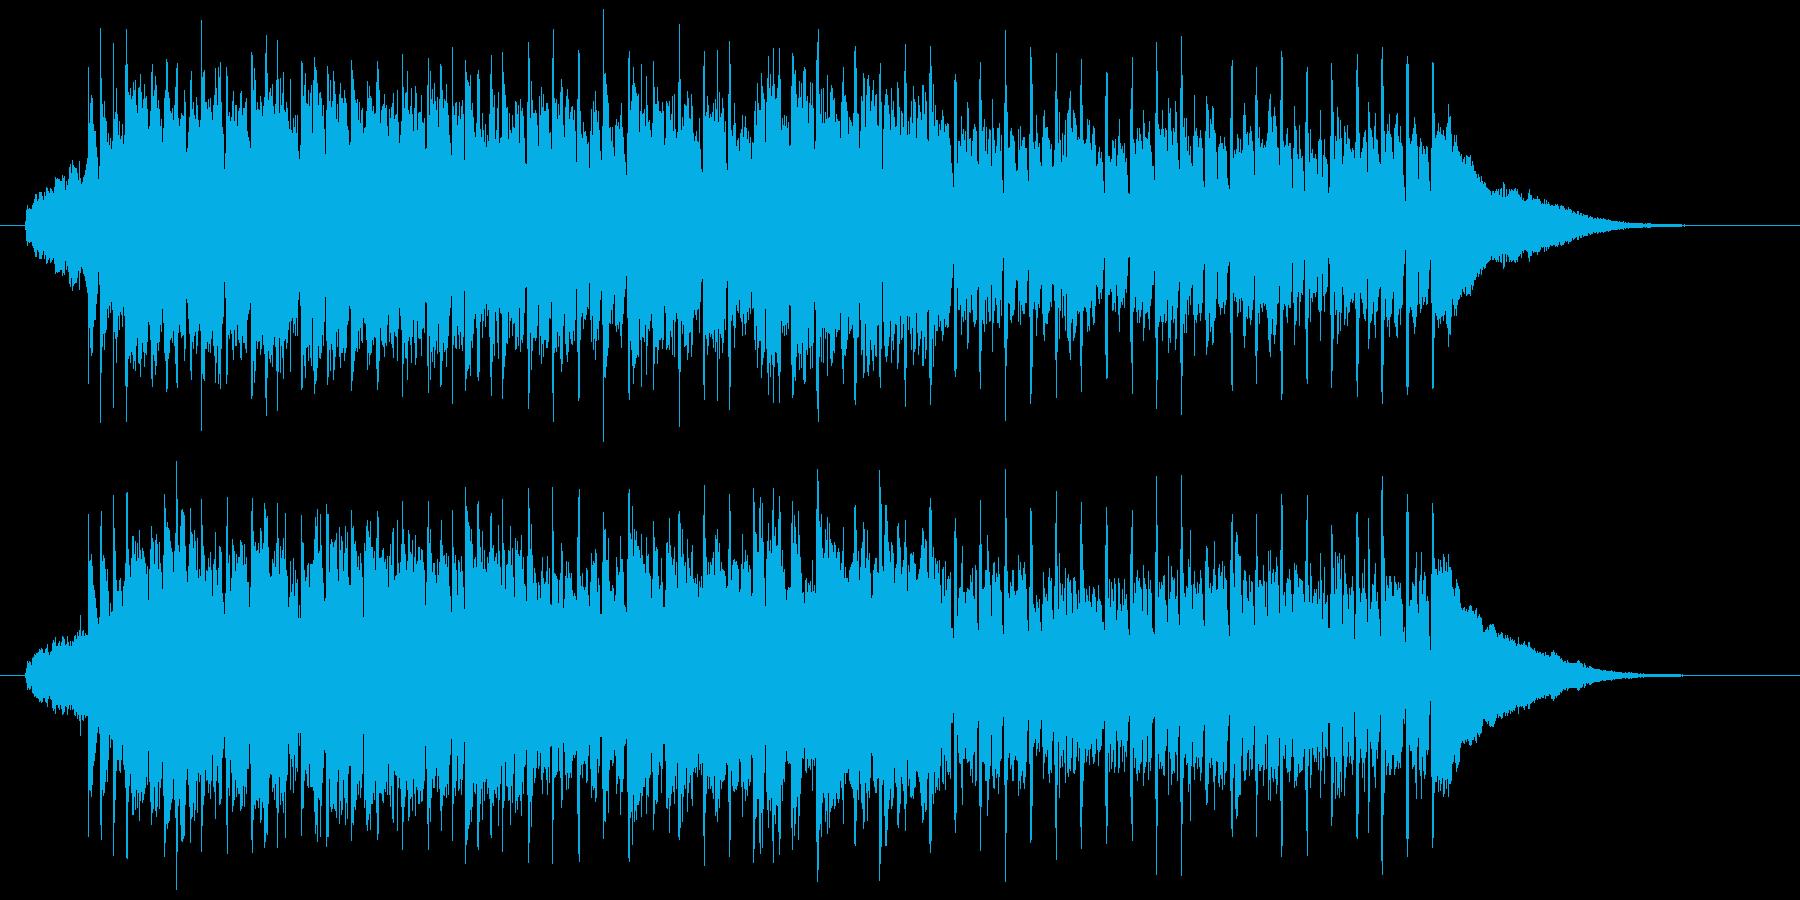 フルートによる爽やかなポップスの再生済みの波形